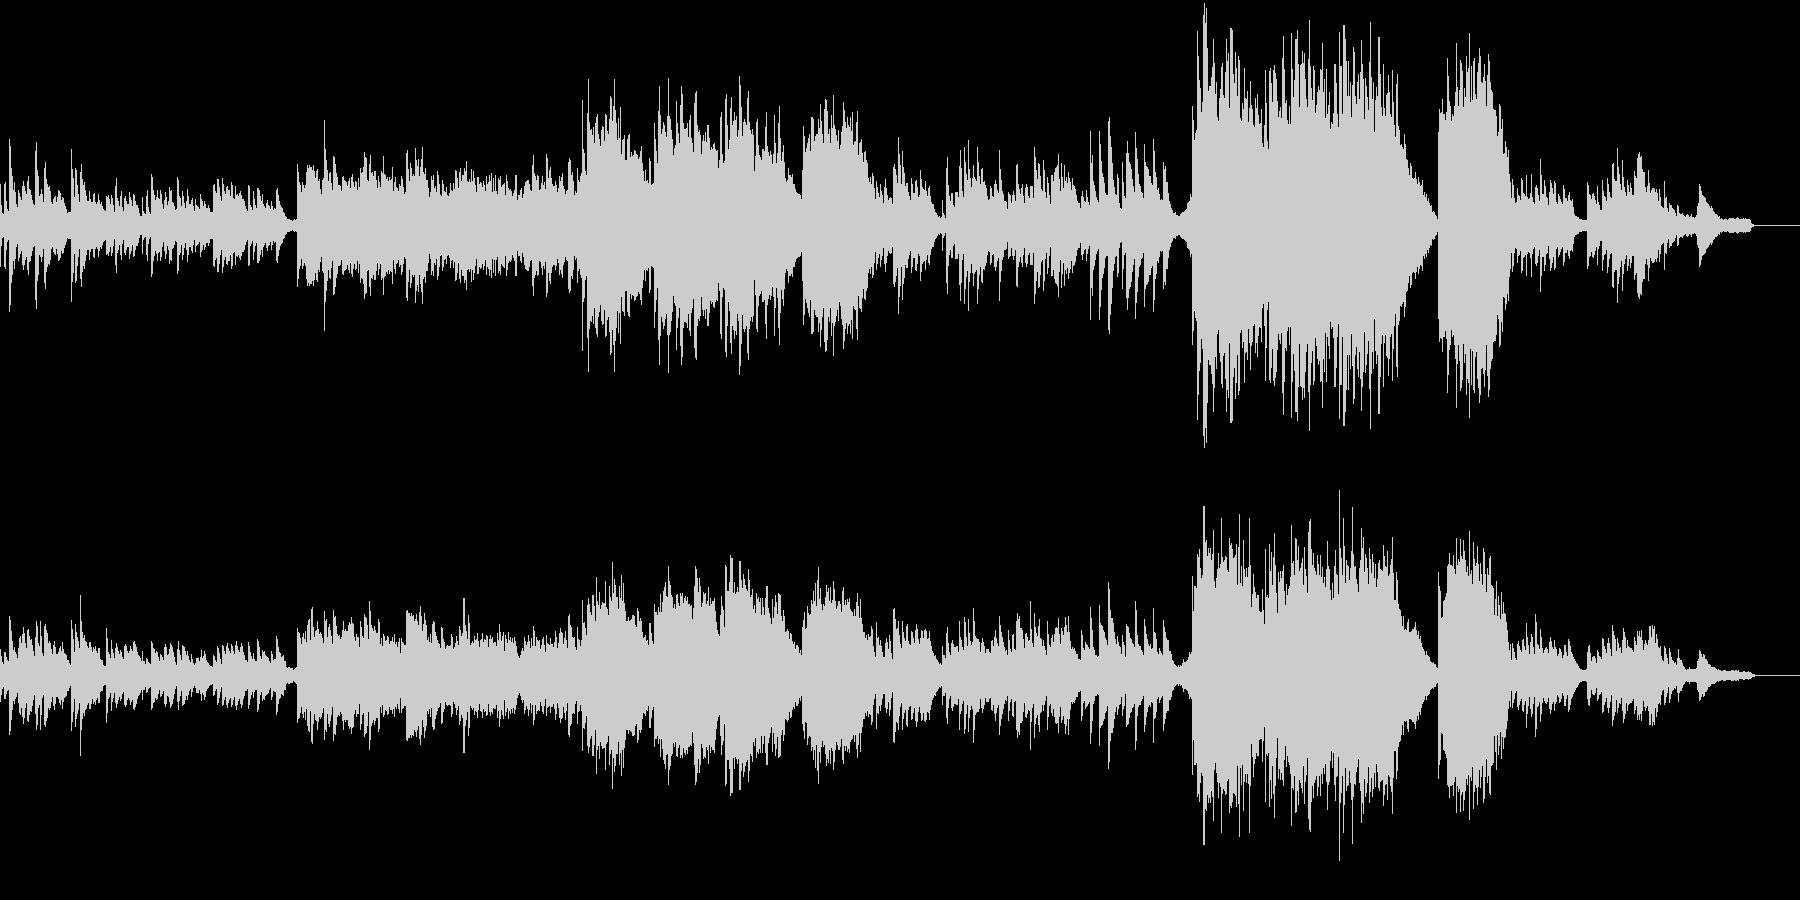 ピアノと弦楽器の切ない劇伴風BGMの未再生の波形